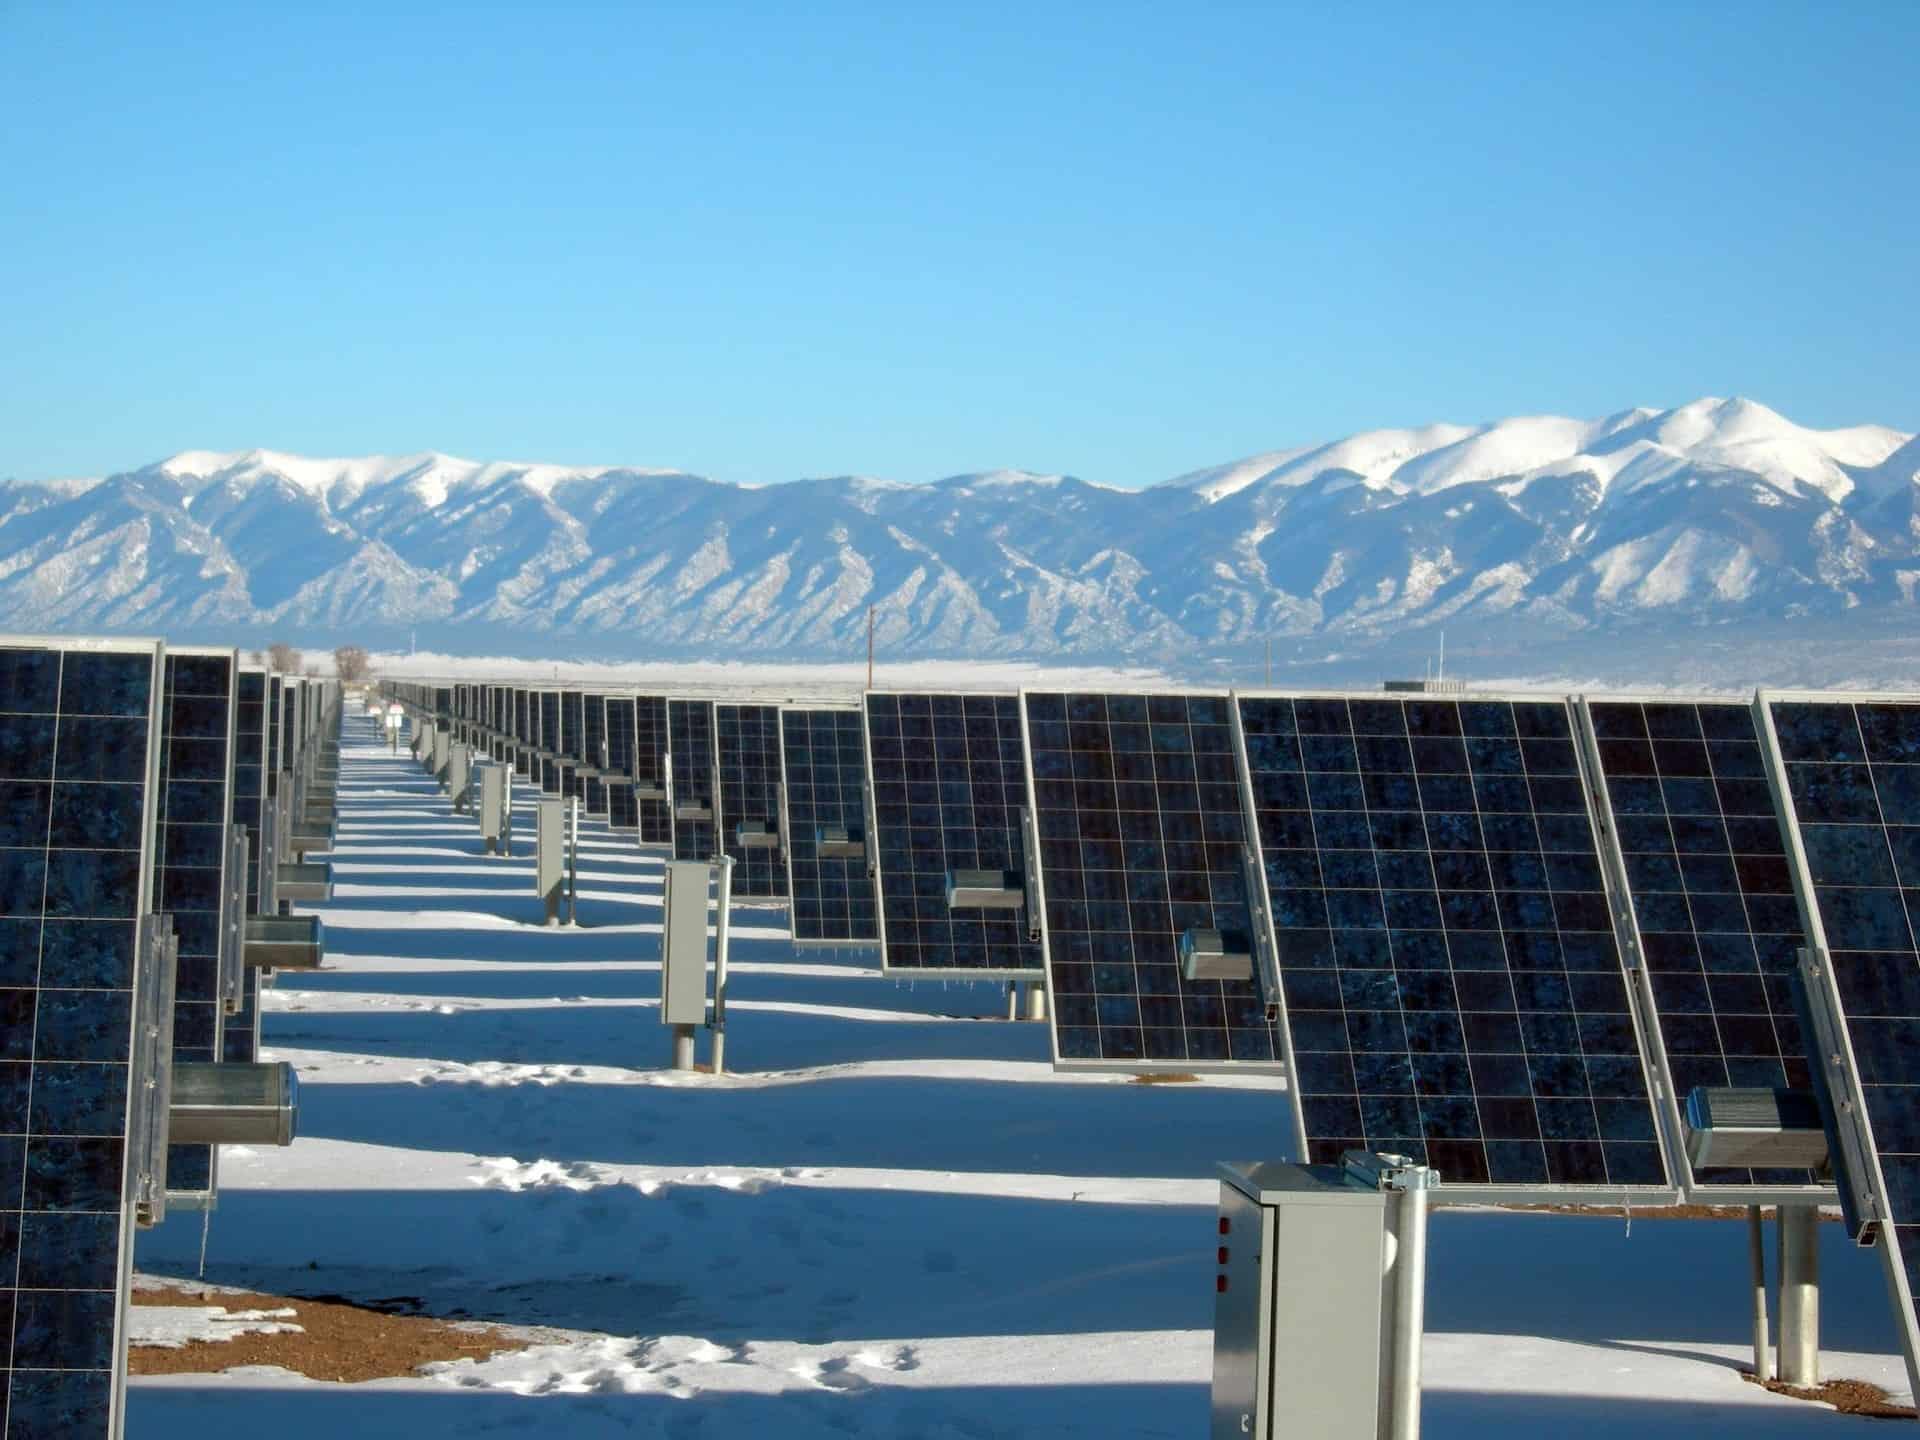 Solar Panel Array via Pexels